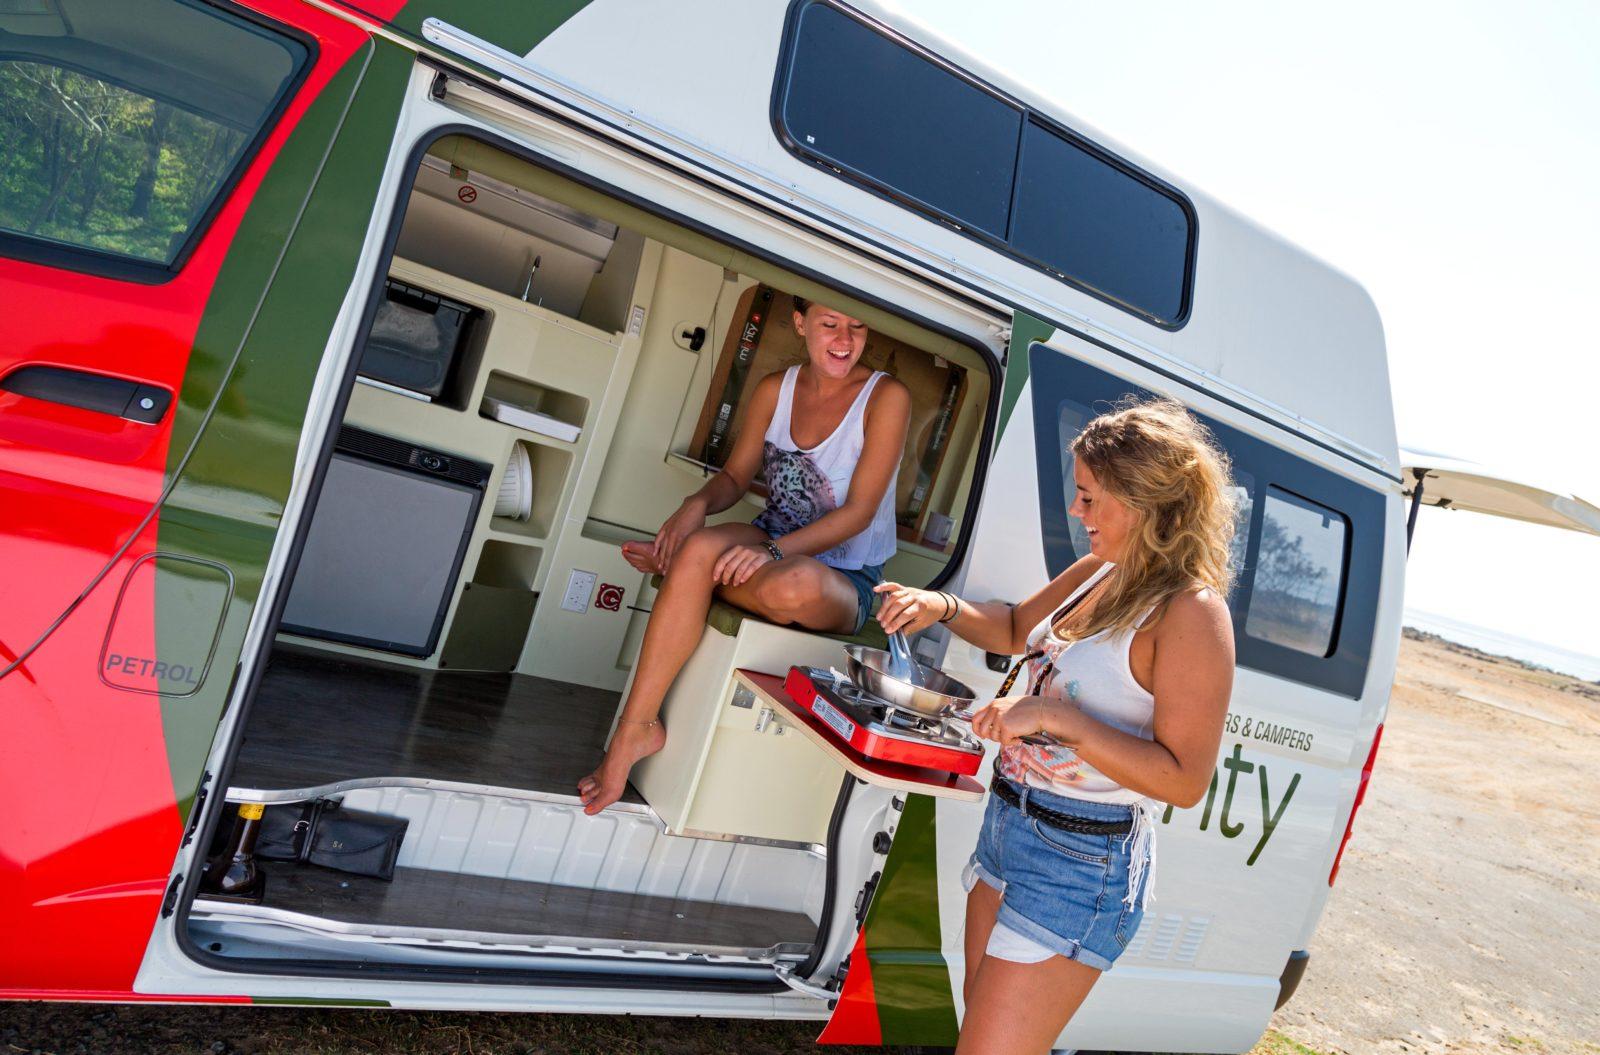 Melbourne campervan motorhome